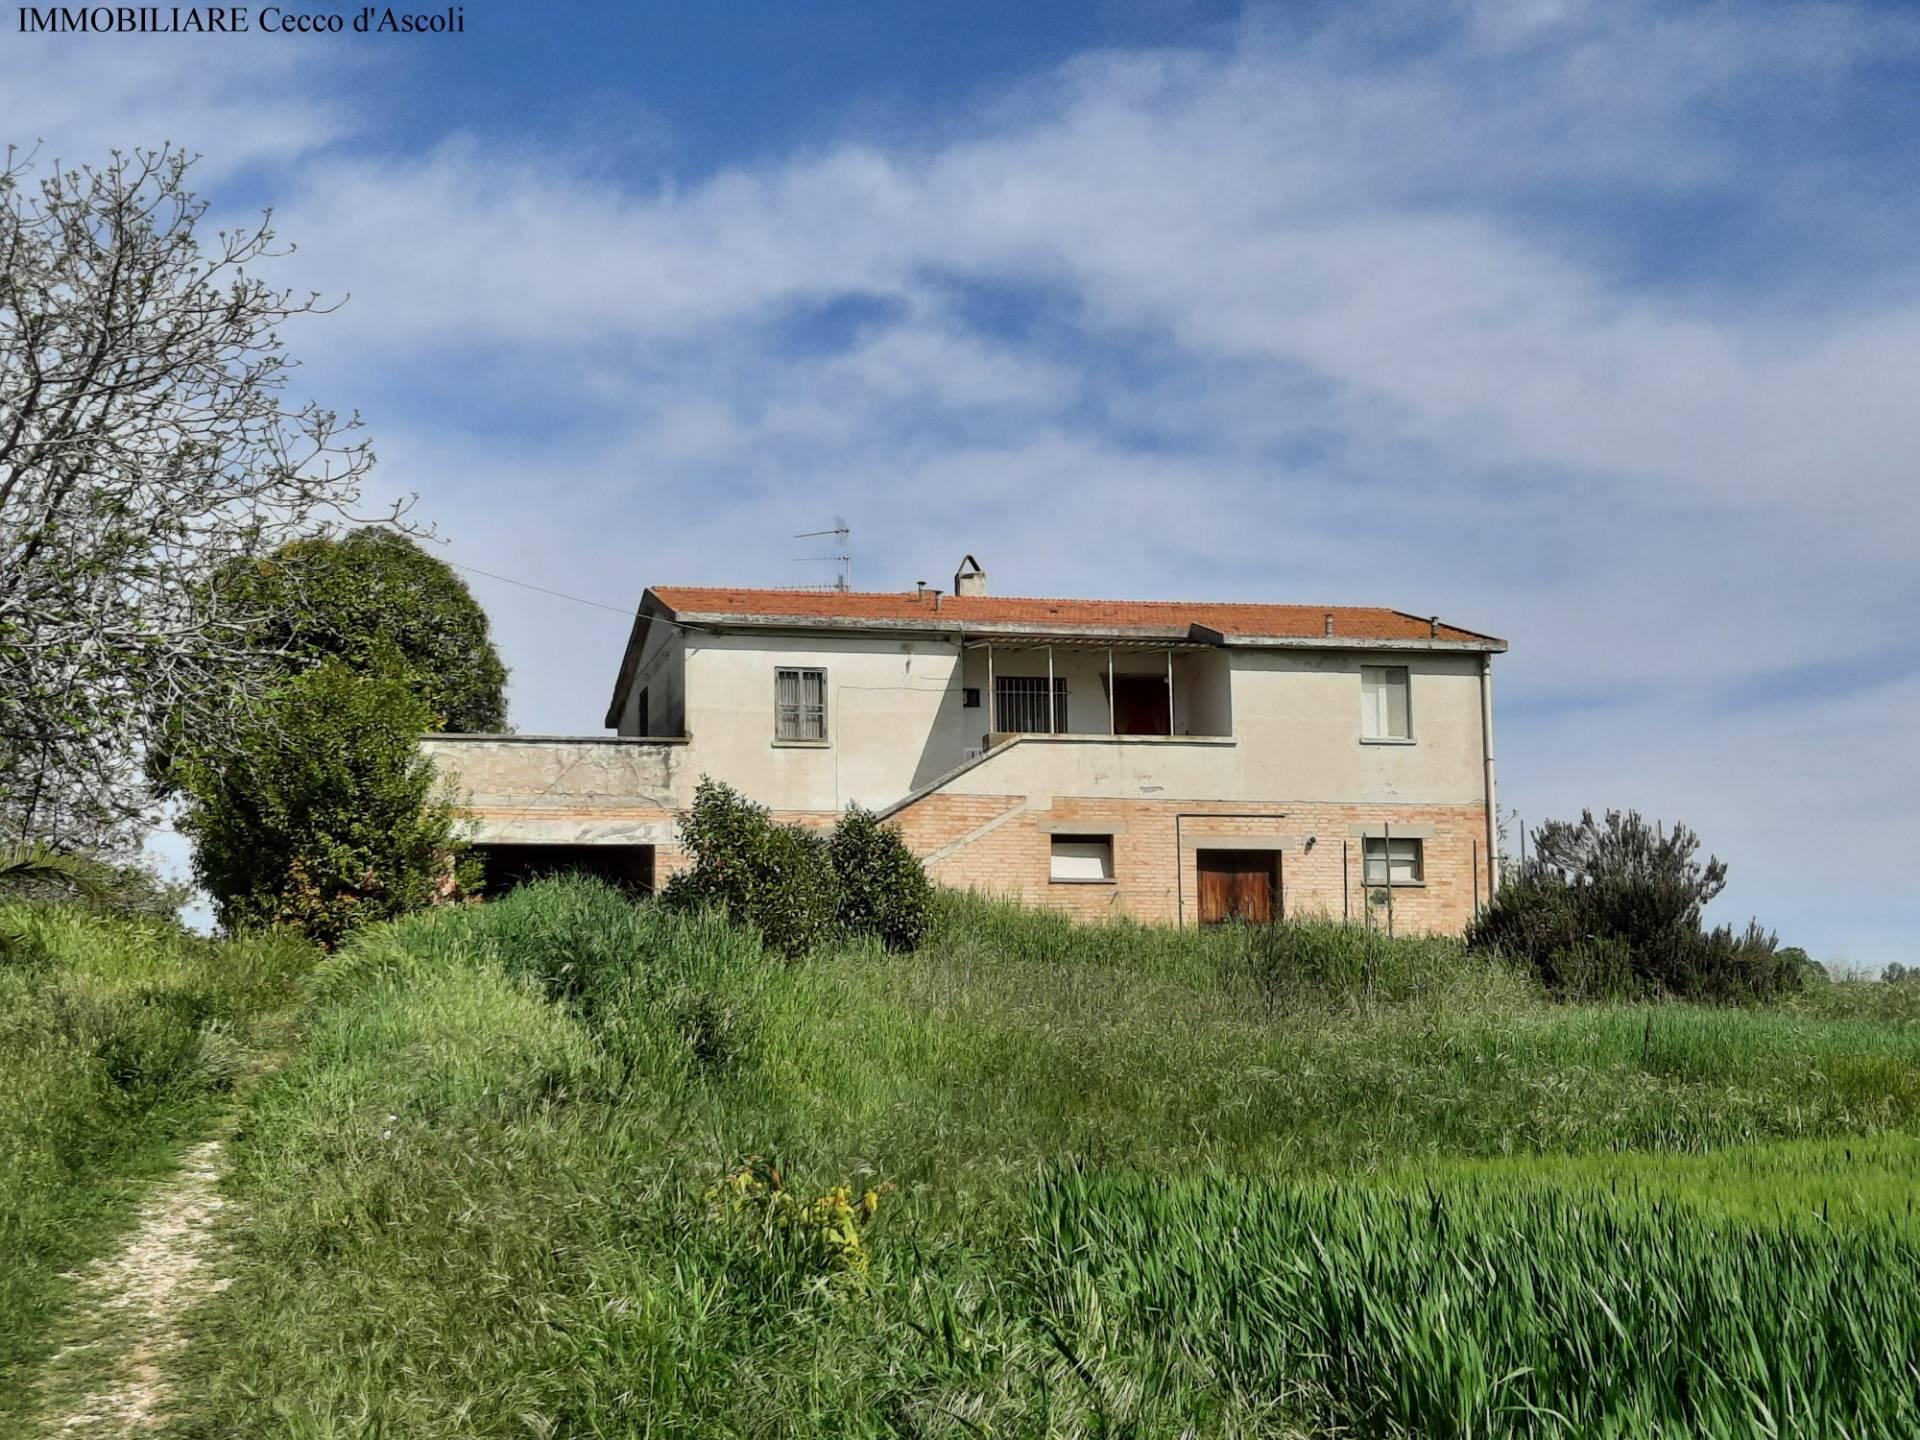 Rustico in vendita a Centobuchi, Monteprandone (AP)